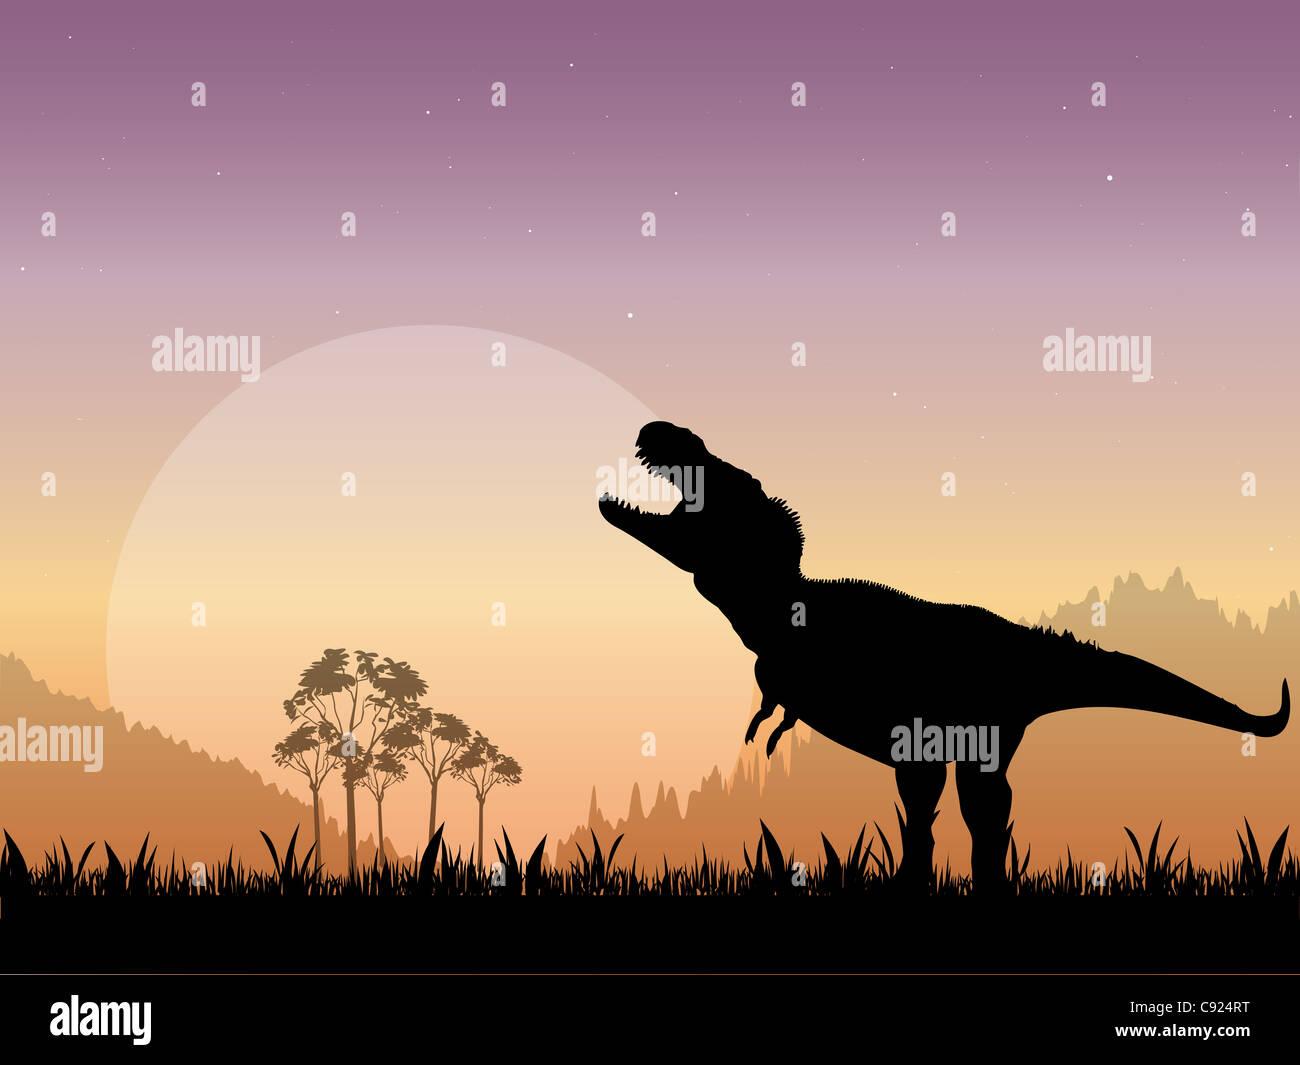 La silhouette di un Tirannosauro Rex ruggente davanti a una luna opaca con un cielo stellato come sfondo. Foto Stock